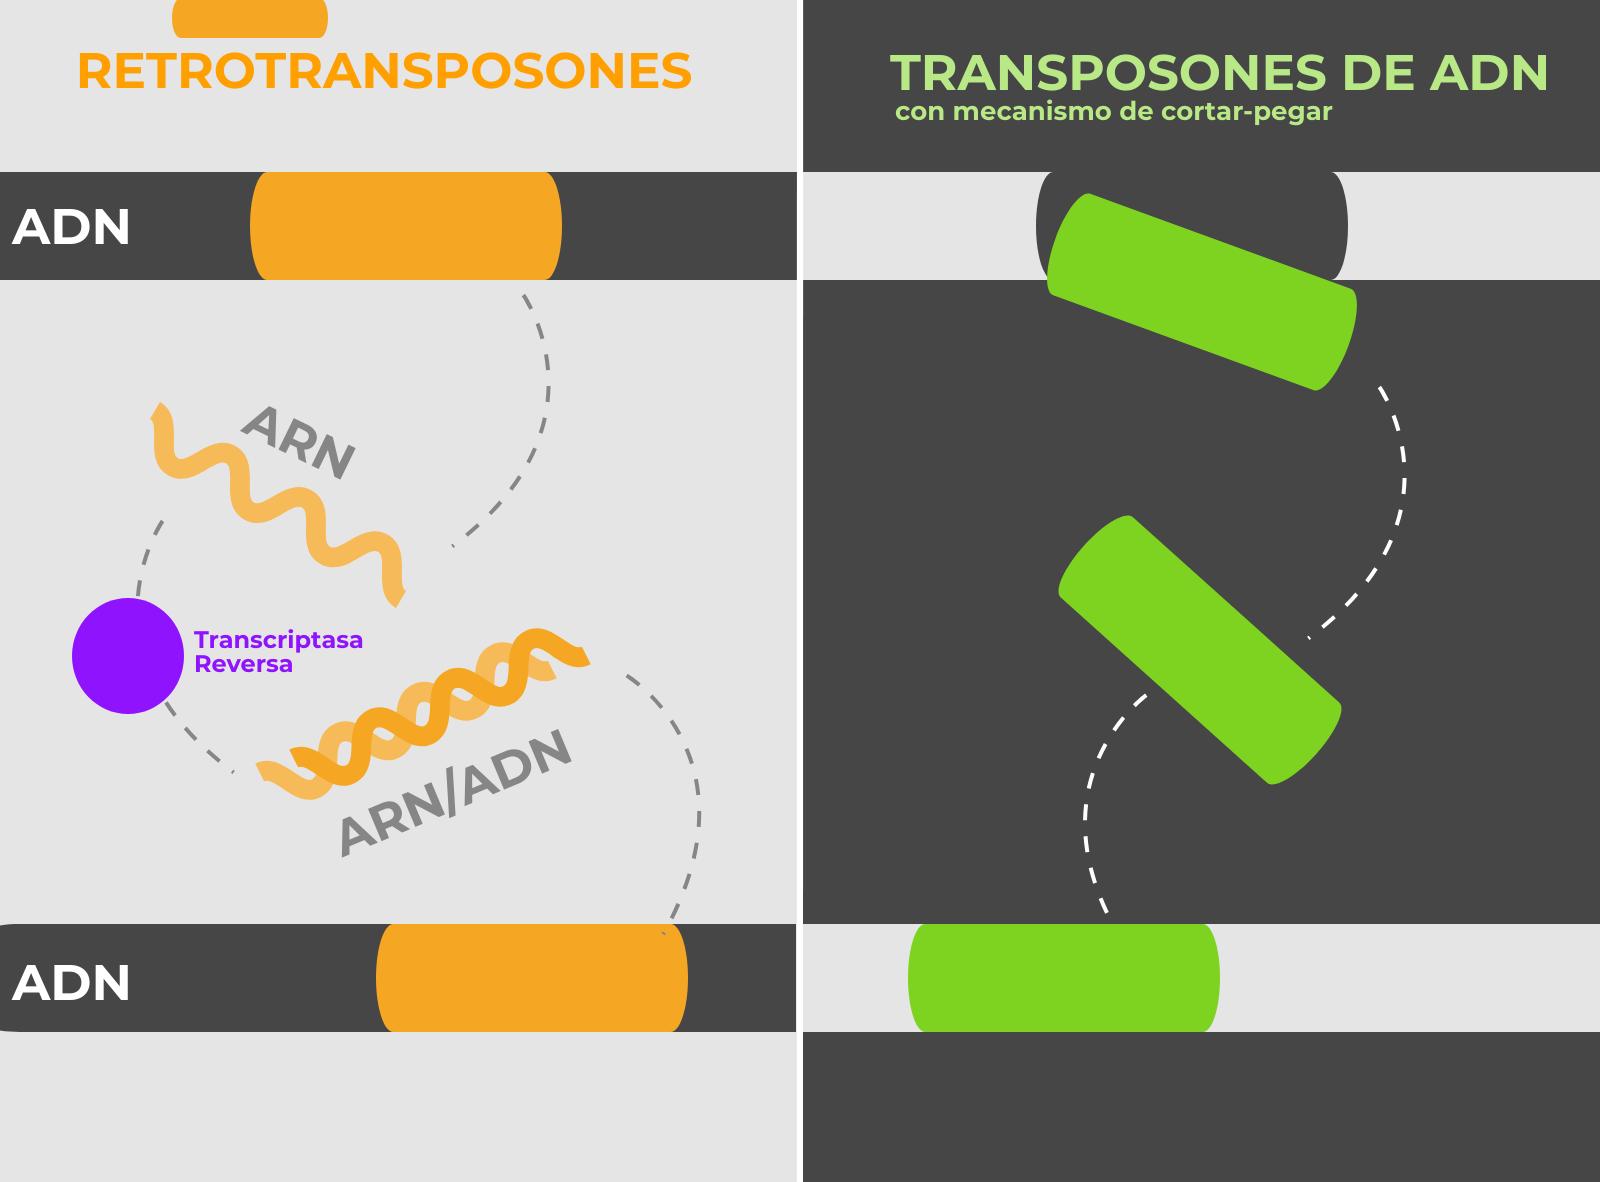 Transposones